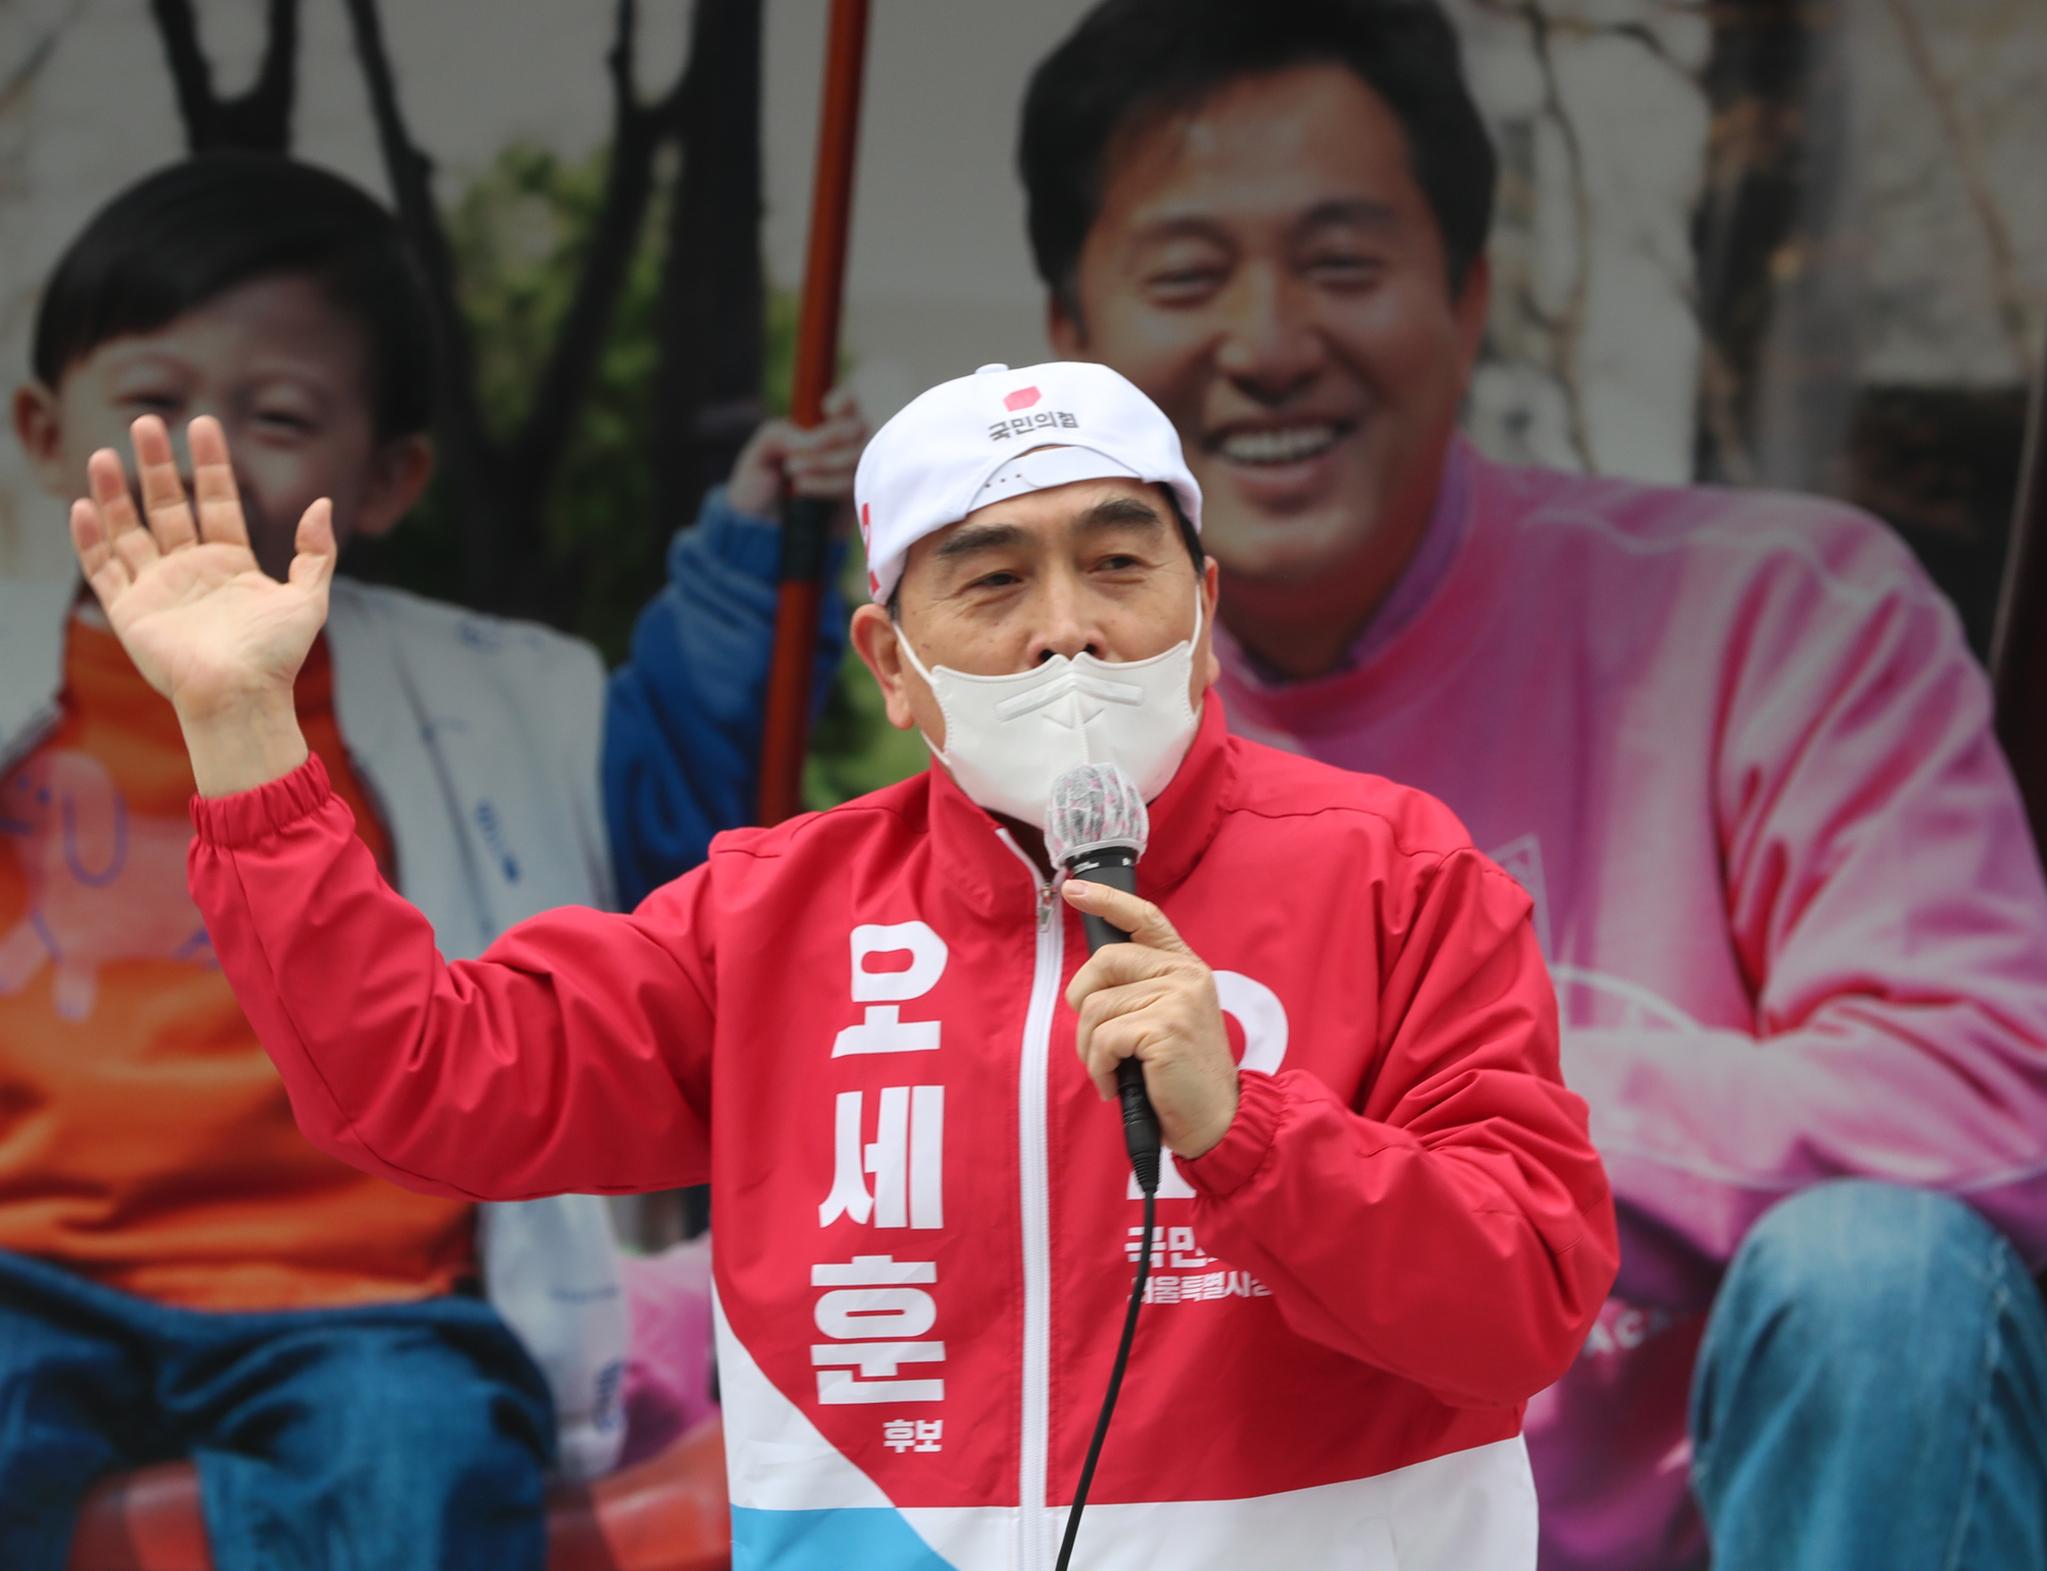 태영호 국민의힘 의원. 사진은 지난 3월 서울시장 보궐선거 운동에서 오세훈 당시 후보에 대한 지지를 호소하고 있는 태 의원의 모습. 오종택 기자